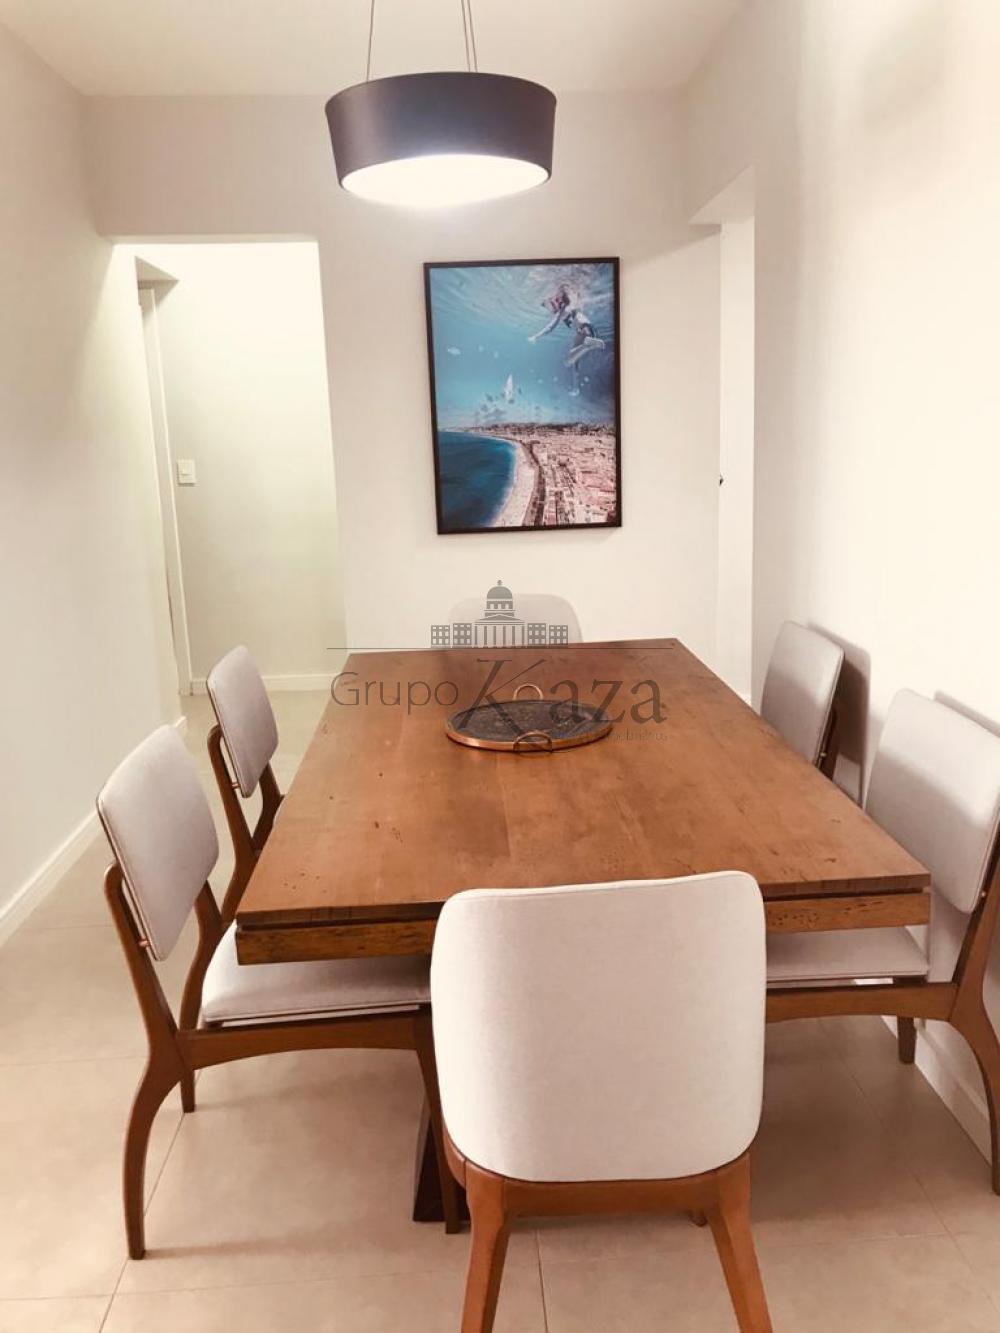 Alugar Apartamento / Padrão em São José dos Campos R$ 1.200,00 - Foto 4